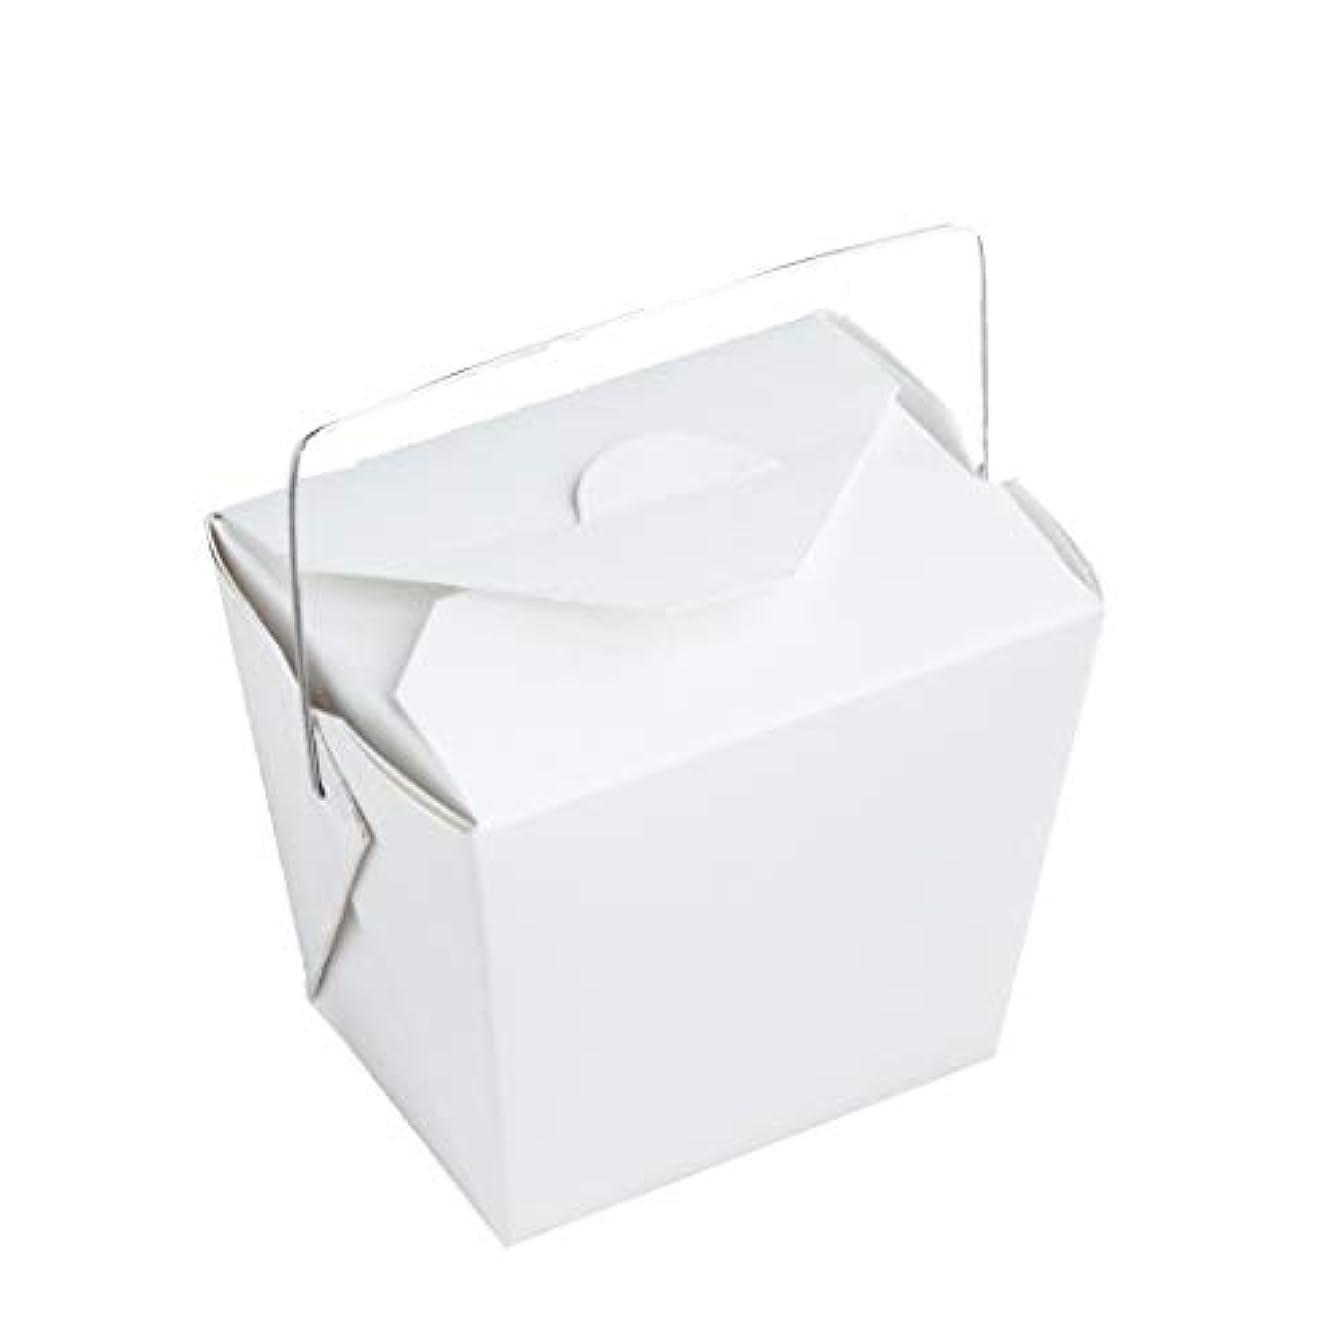 乳剤物質委員会手作り石けん用 ワイヤー取っ手付きホワイトペーパー型 10個